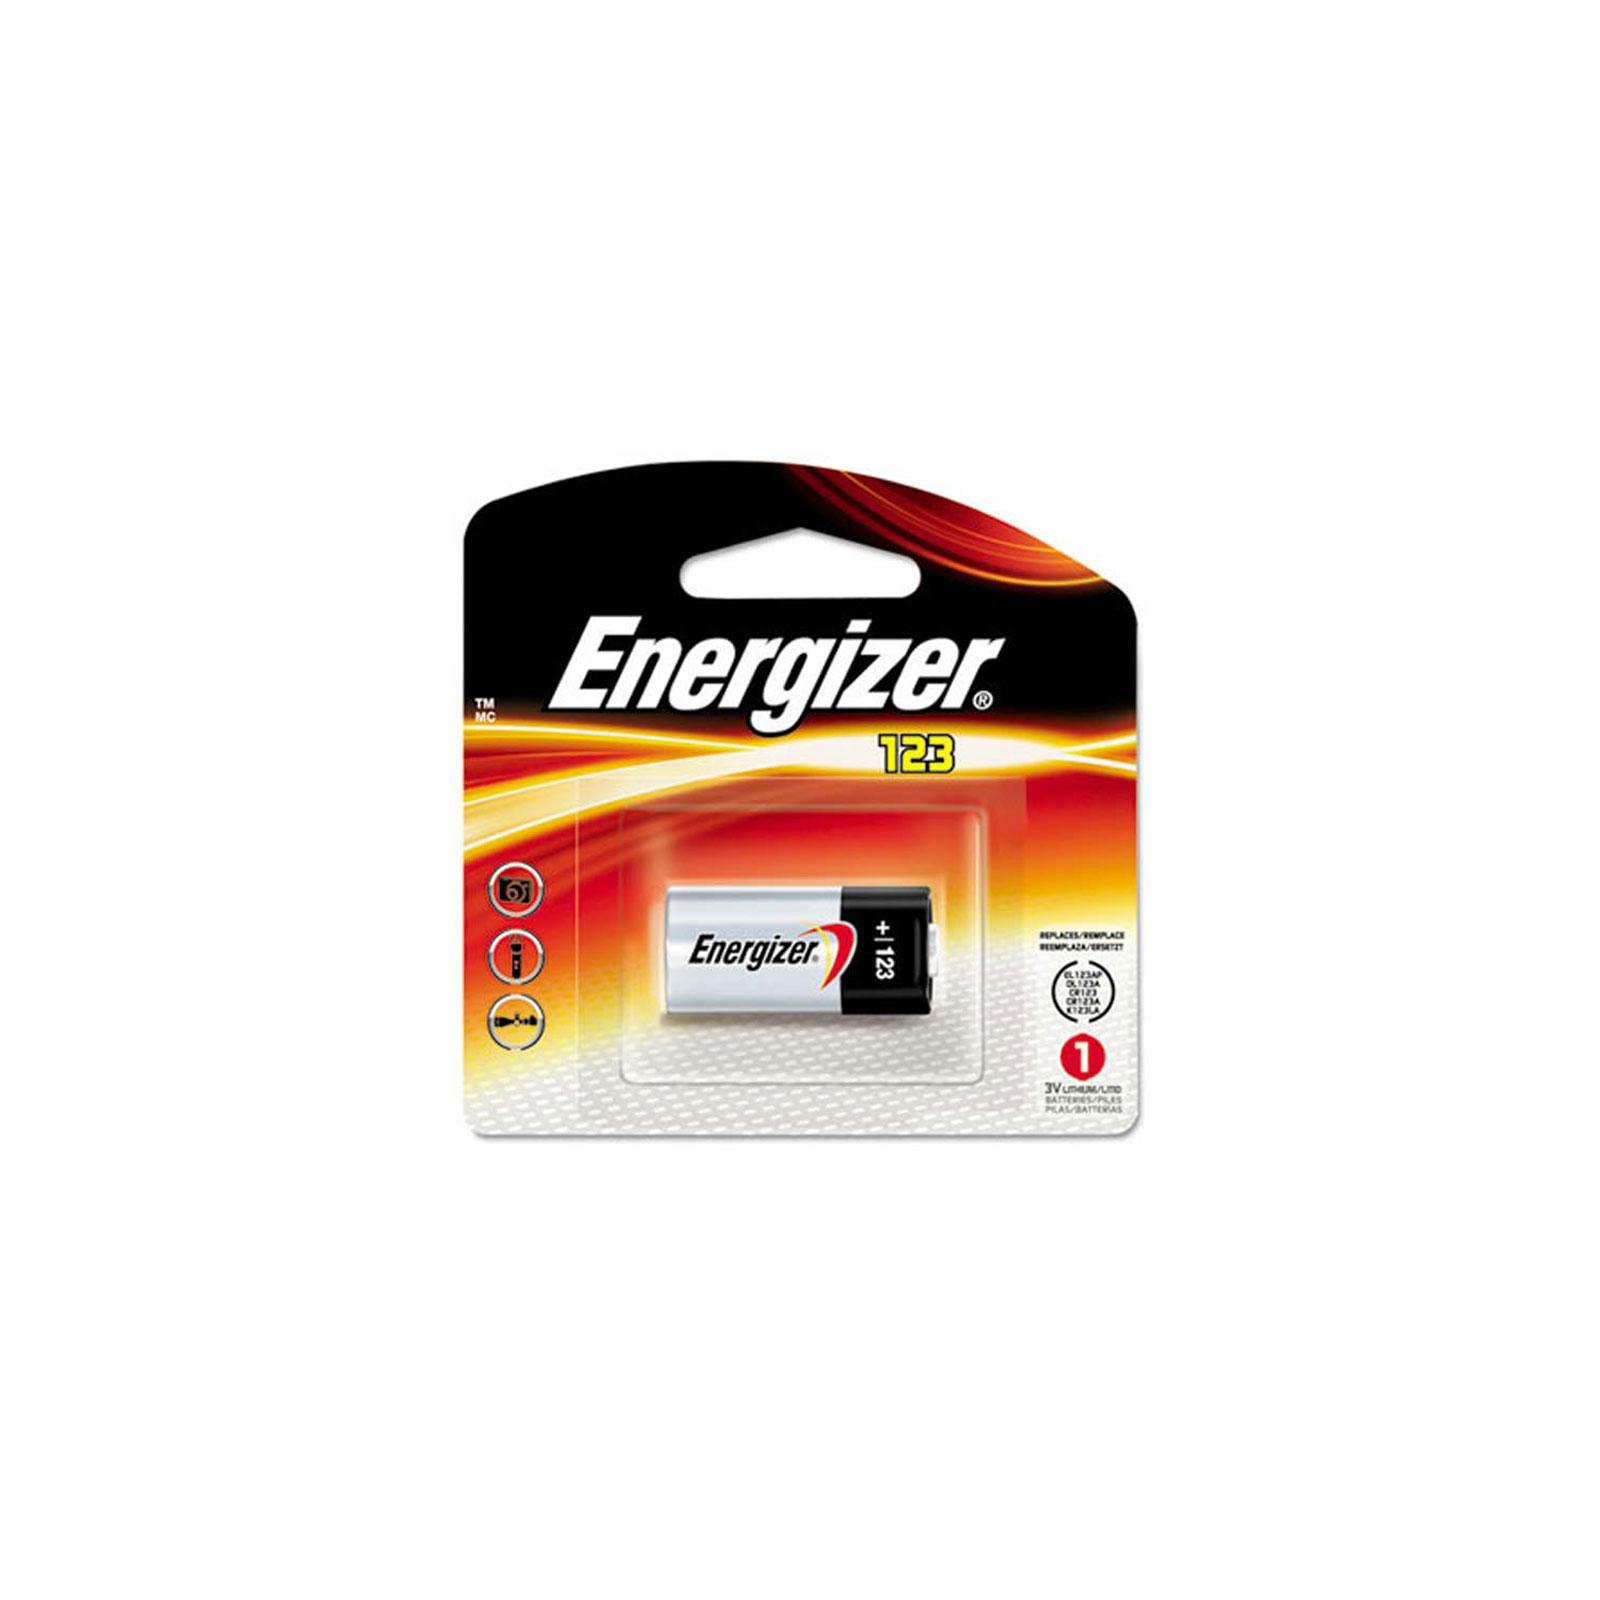 energizer cr 123 2 3a 3v photo lithium battery el123ap 1 1 pack. Black Bedroom Furniture Sets. Home Design Ideas